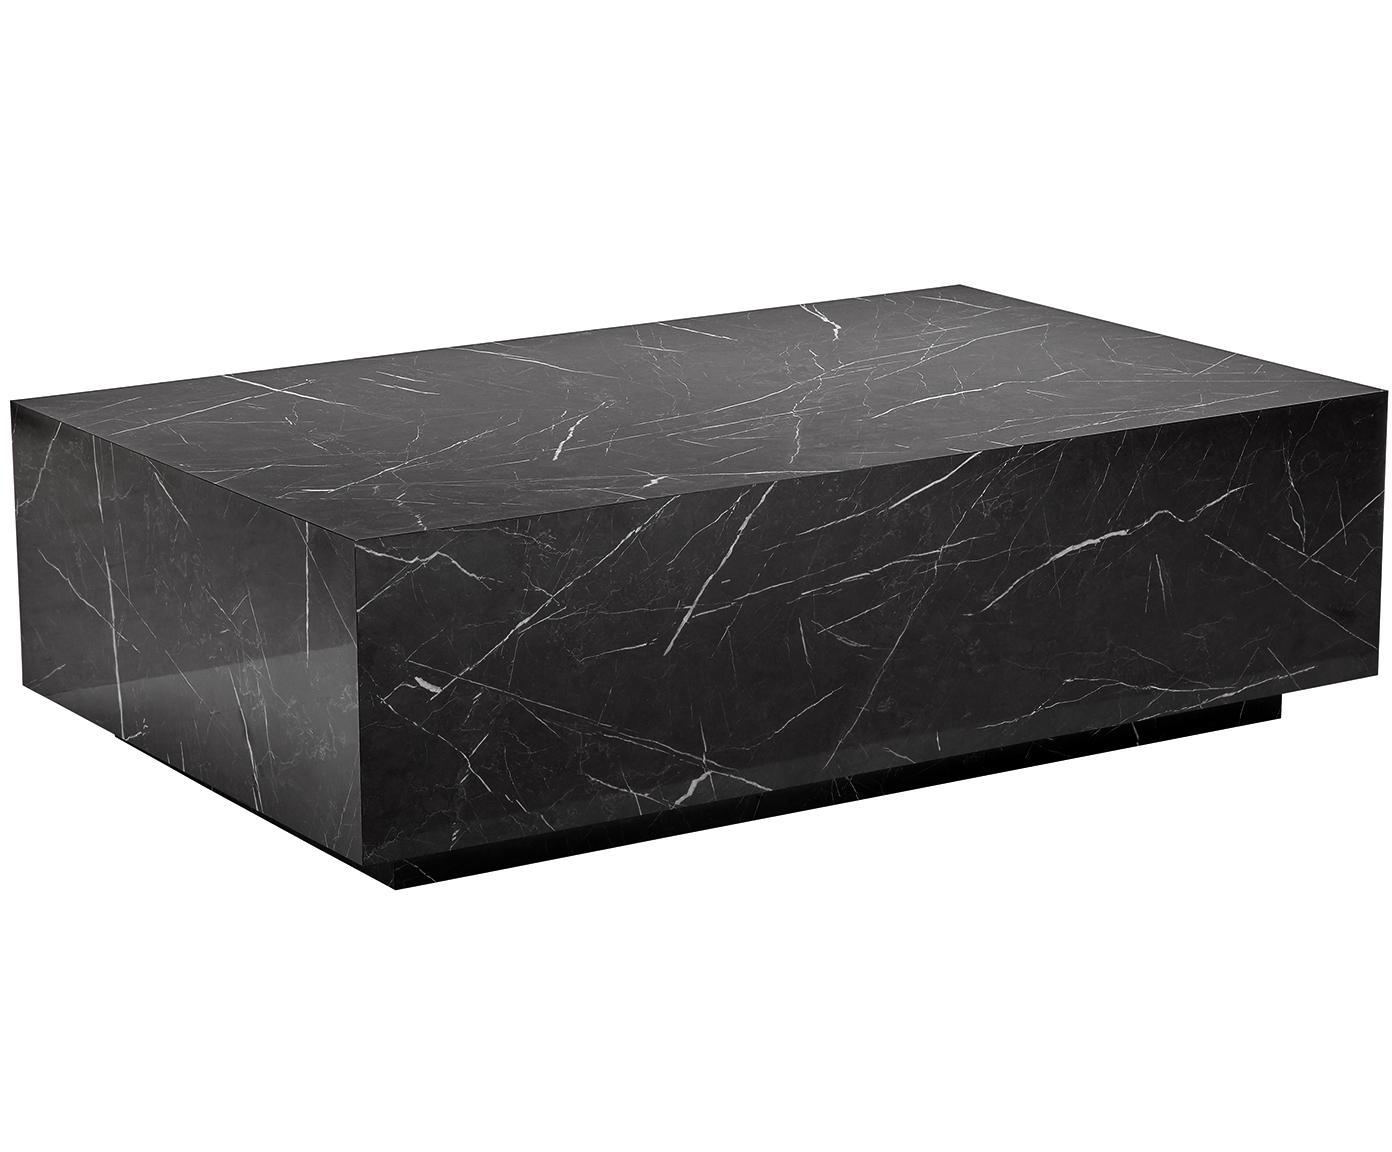 Lesley marble look coffee table